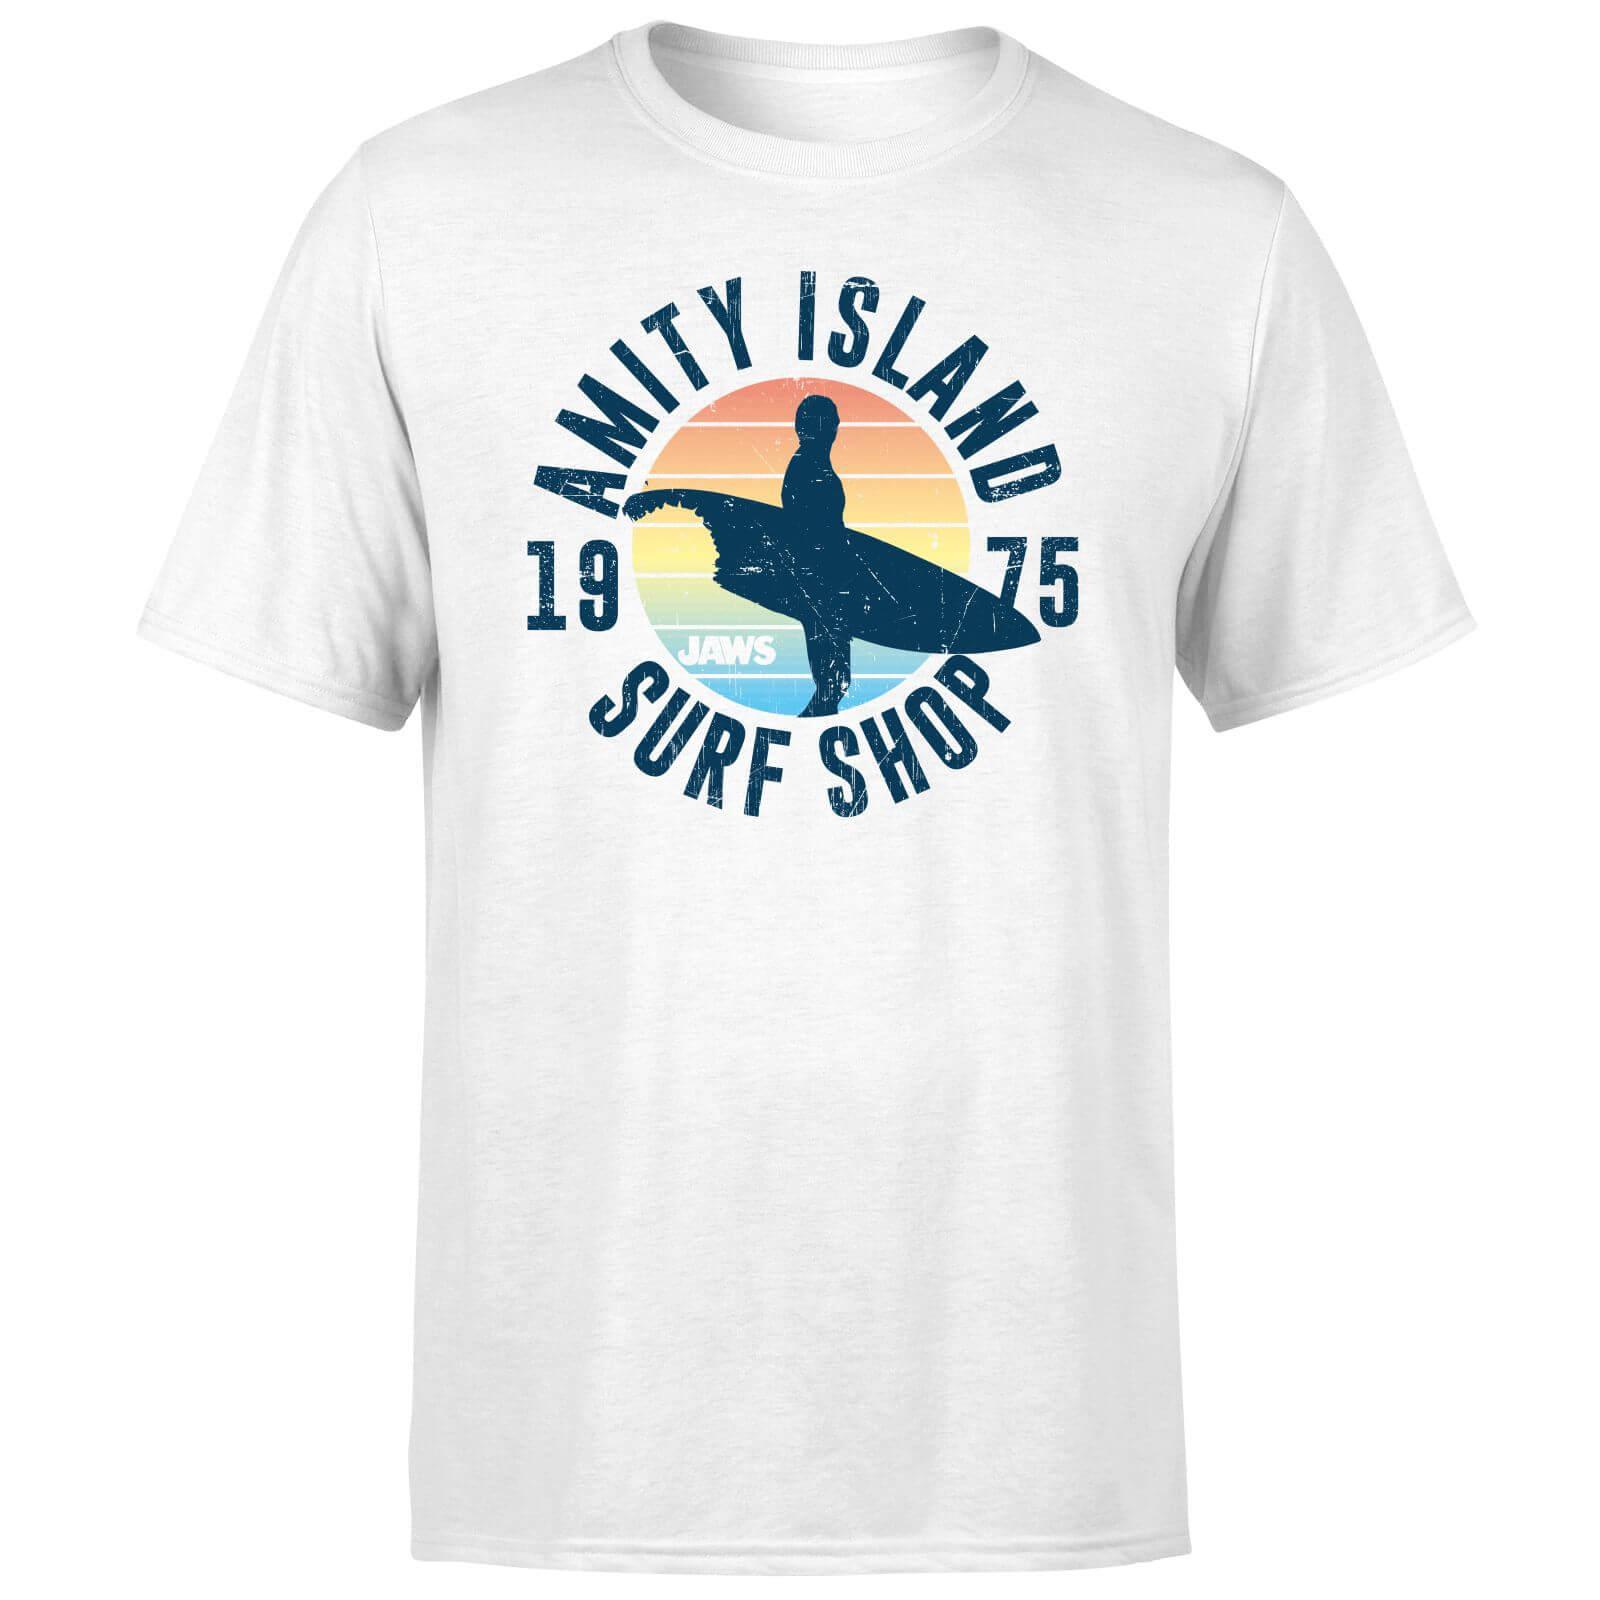 Hot Herren-Spaß lässig Druck T-Shirt Jaws Amity Surf Shop T-Shirt der neuen Sommer-Männer beiläufigen Druck-Mode-T-Shirt